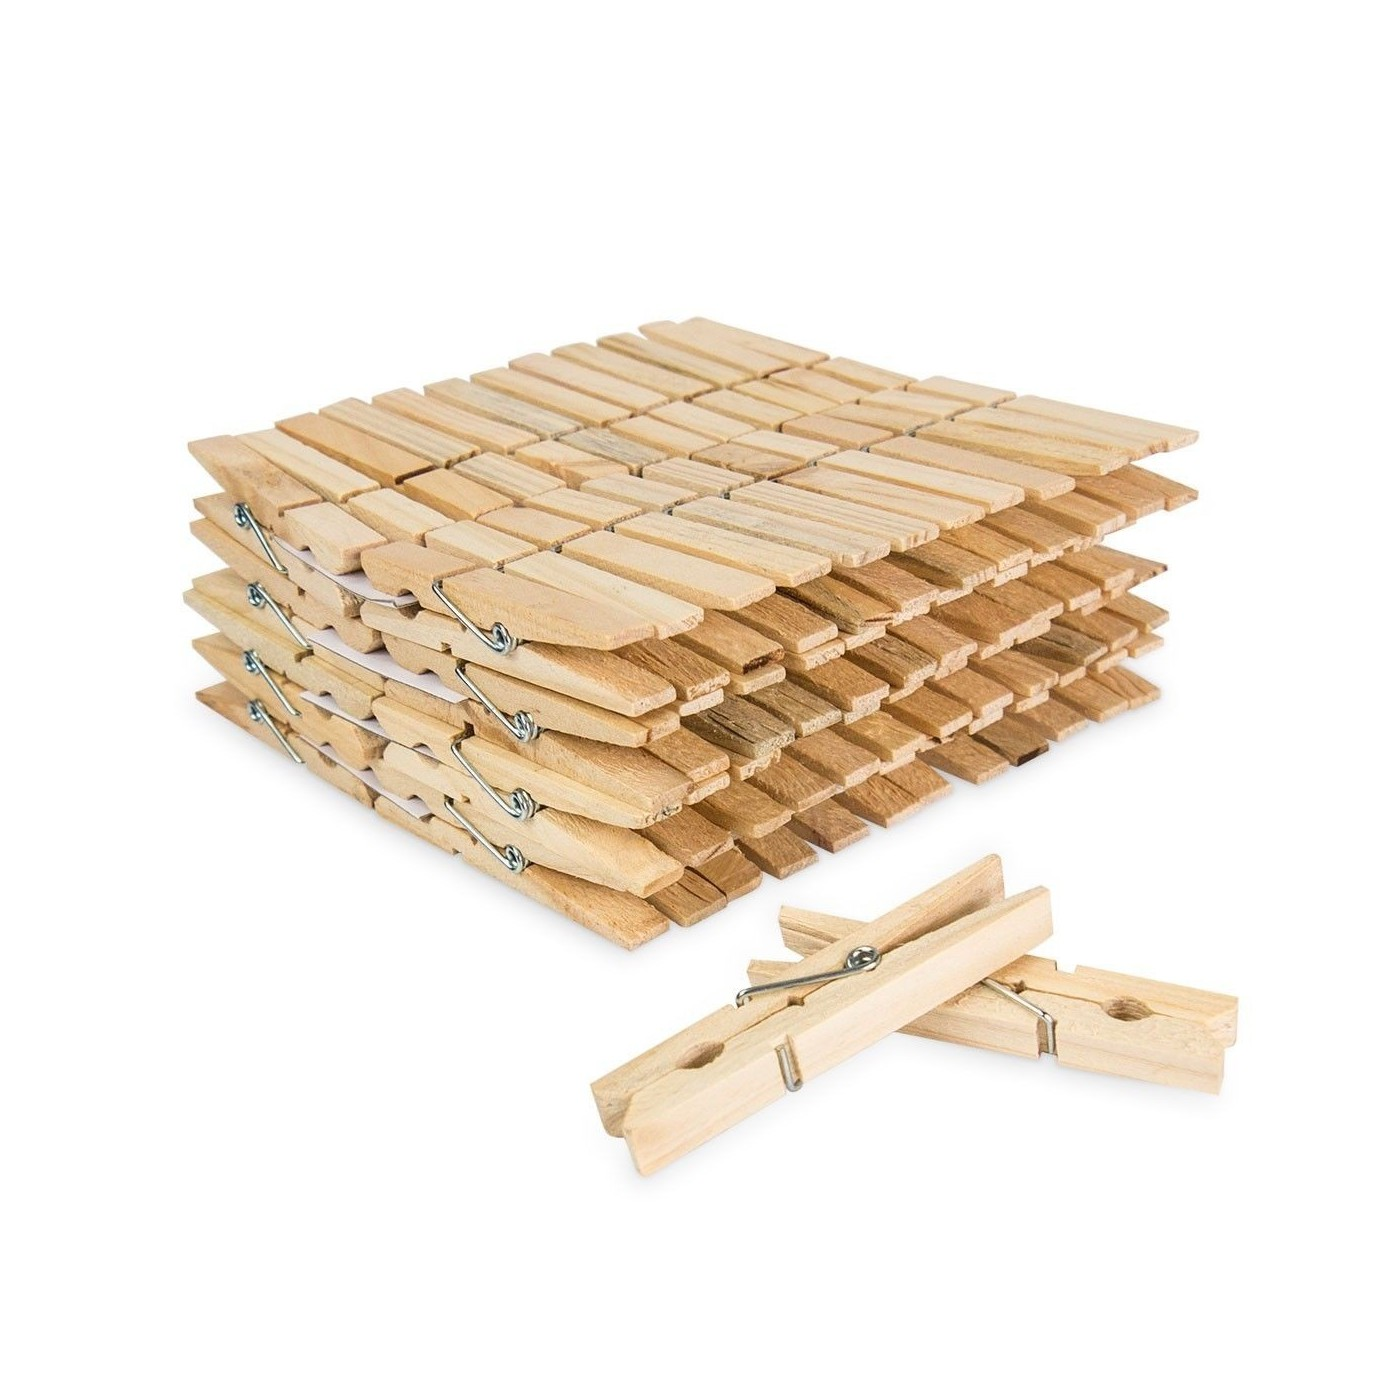 50 Holz Wäscheklammern Holz Klammern 75cm Groß Für Wäsche